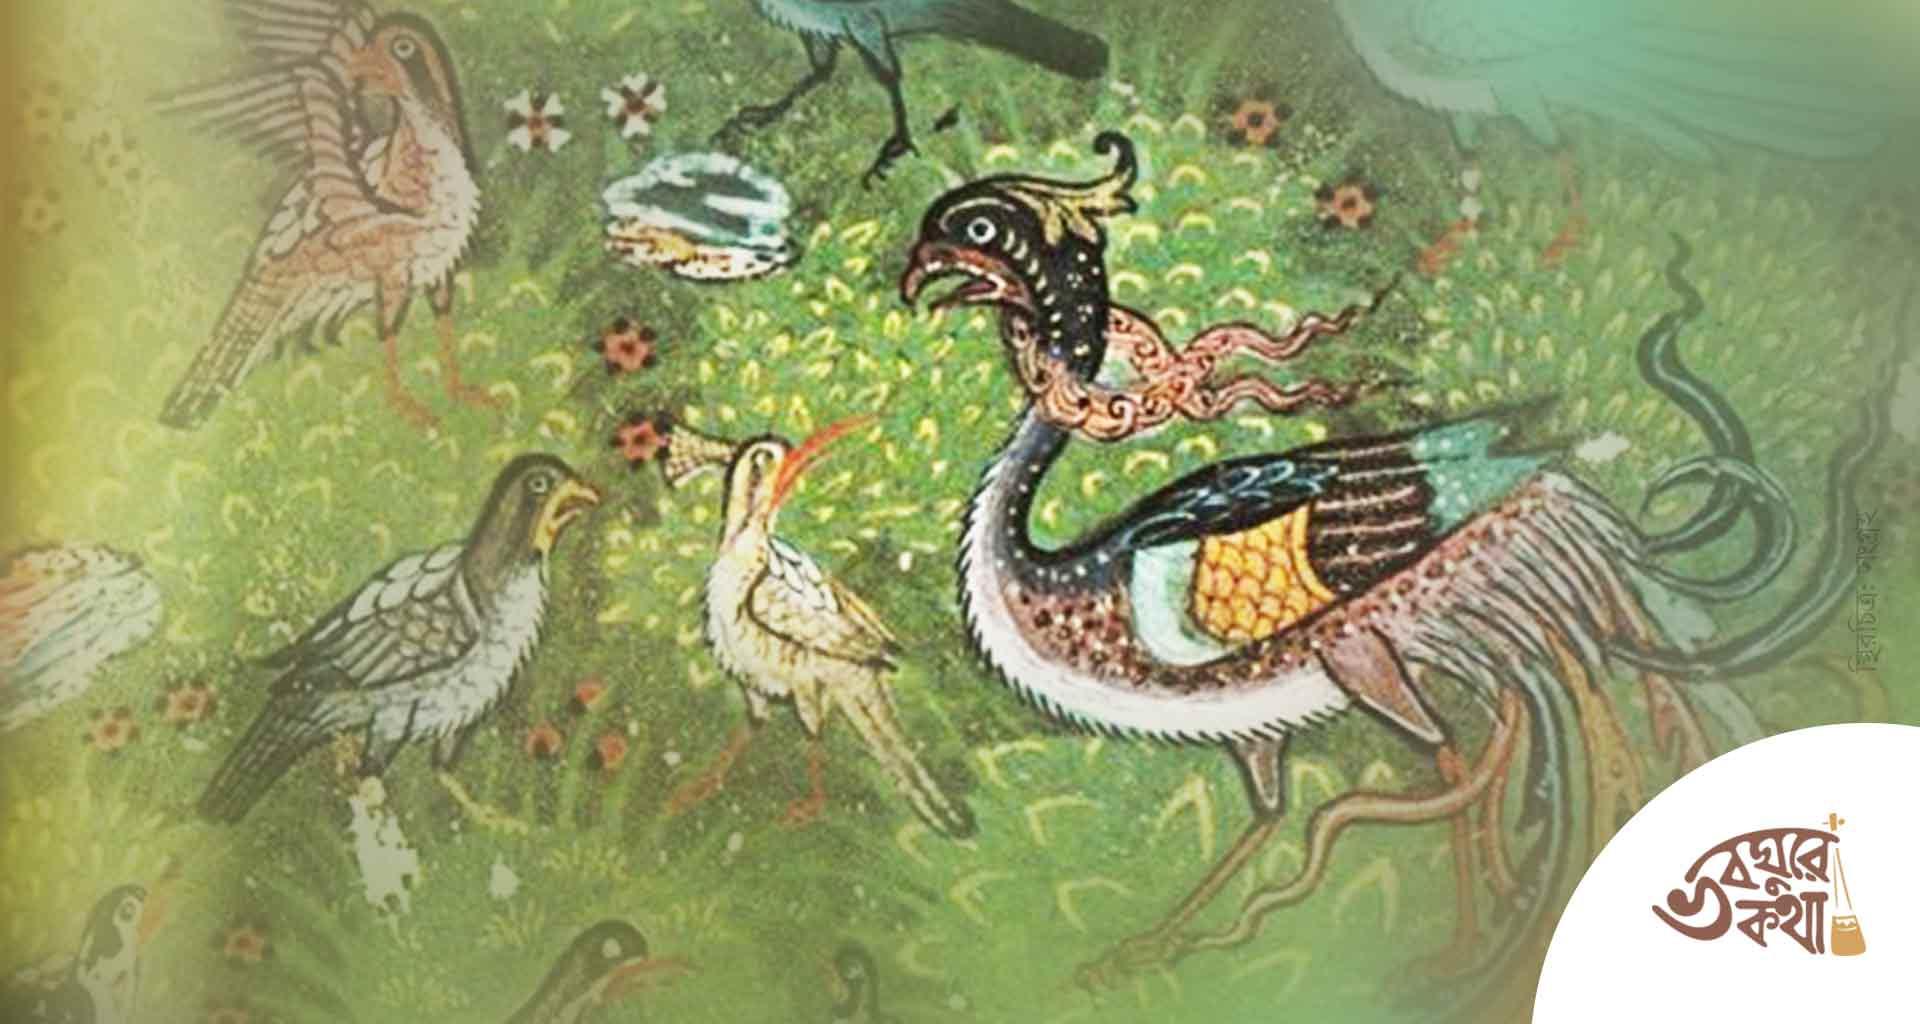 আত্তারের সাধনার সপ্ত স্তর সী-মোরগ ভাববাদ